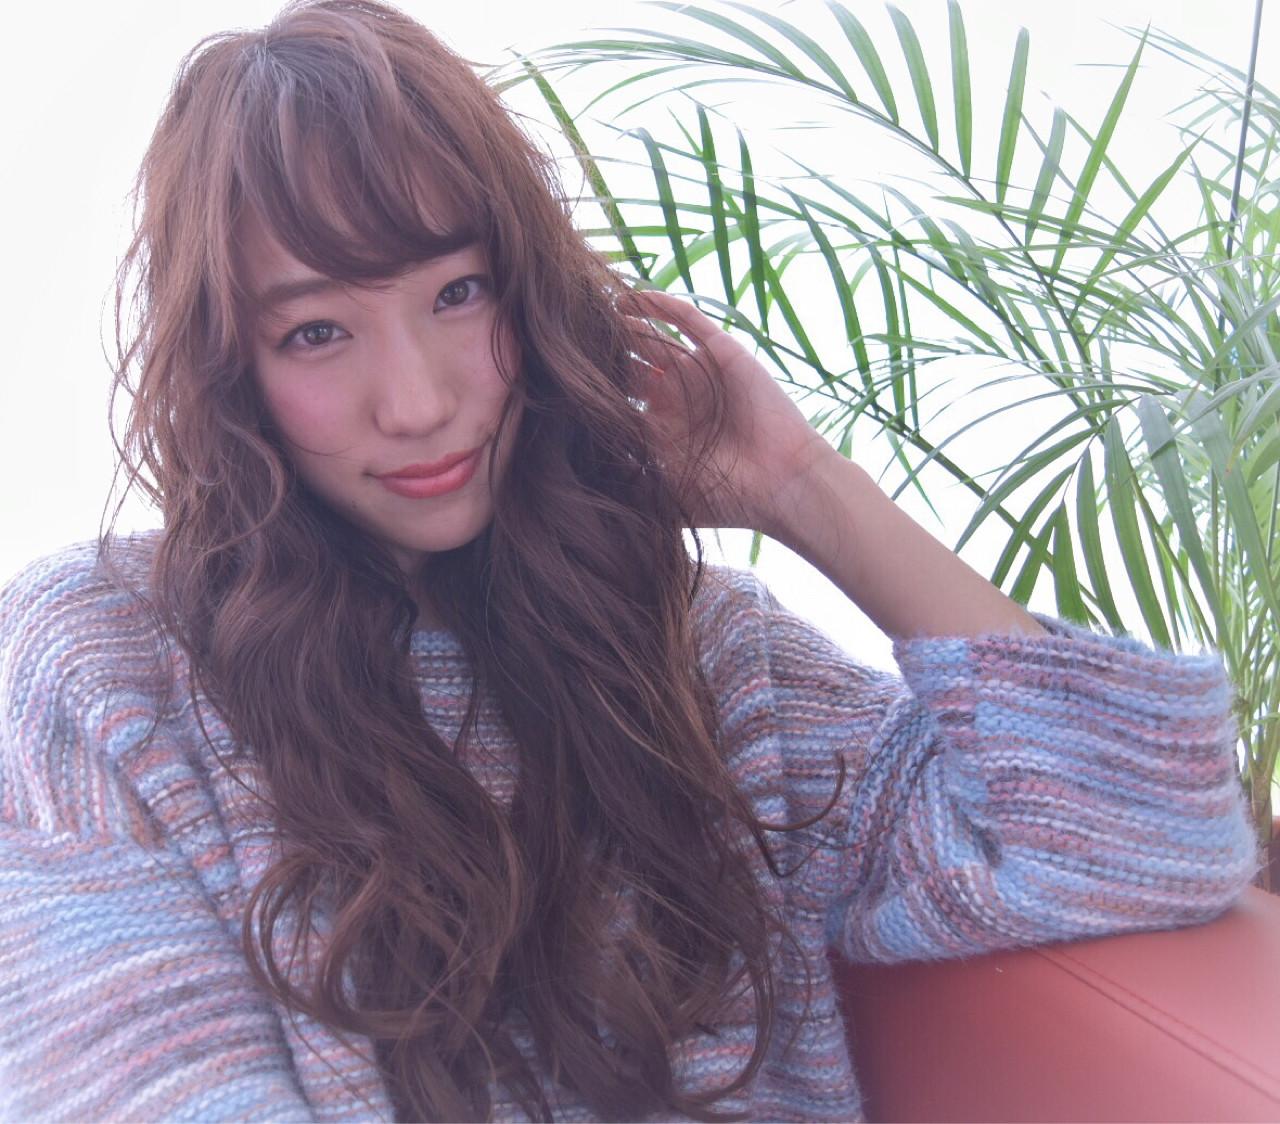 ガーリー ロング パーマ こなれ感 ヘアスタイルや髪型の写真・画像 | 石田裕紀 / Baroque 立川 newtonグループ